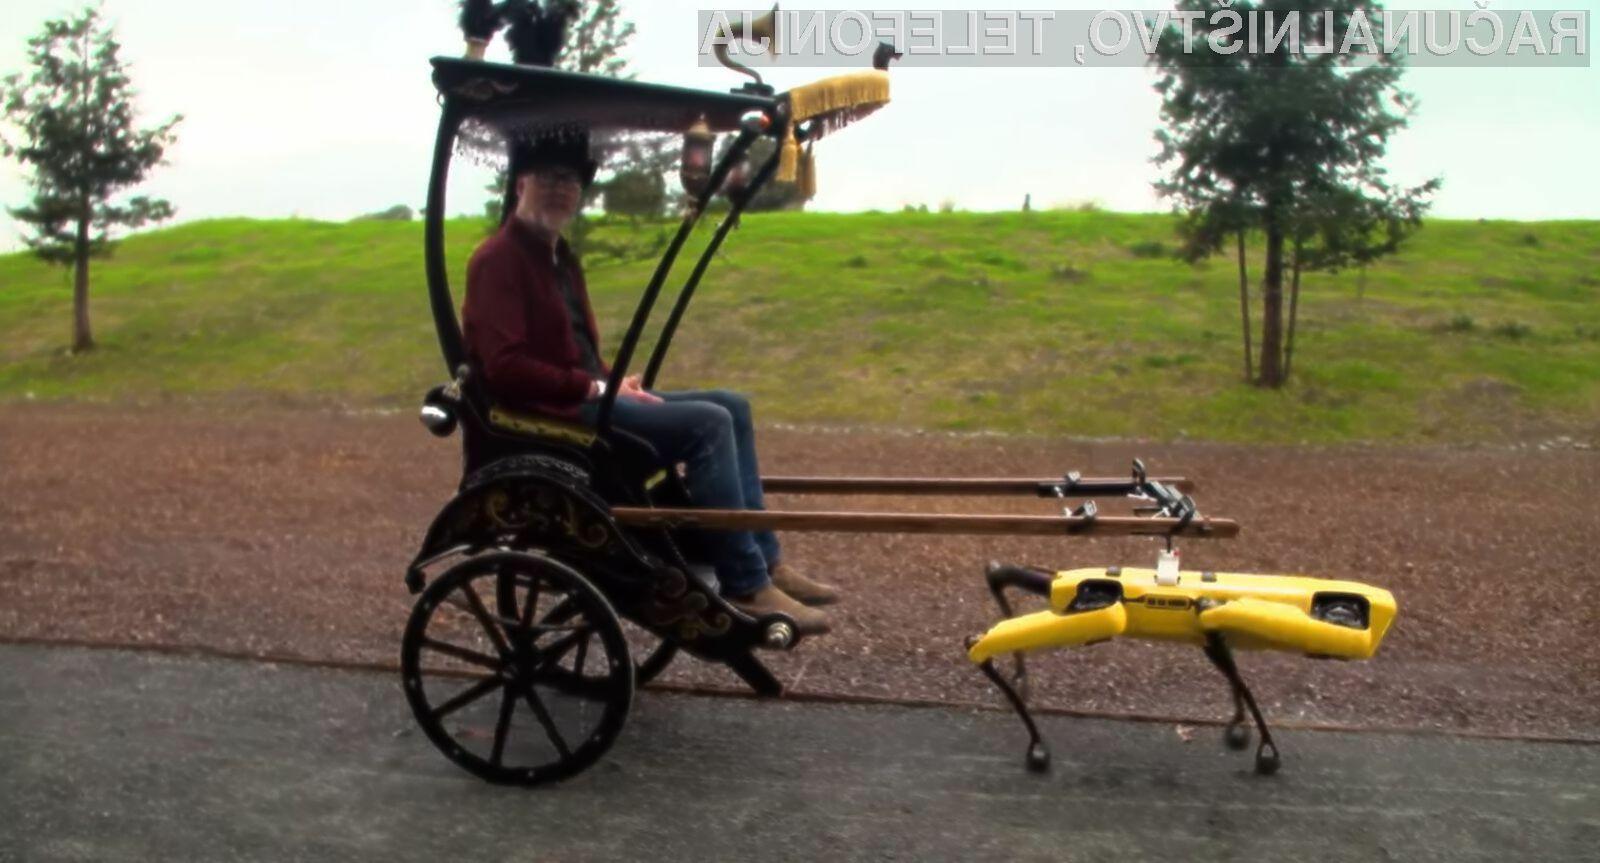 Napredni robotski pes Spot podjetja Boston Dynamics se je »spremenil« v vprežnega konja.